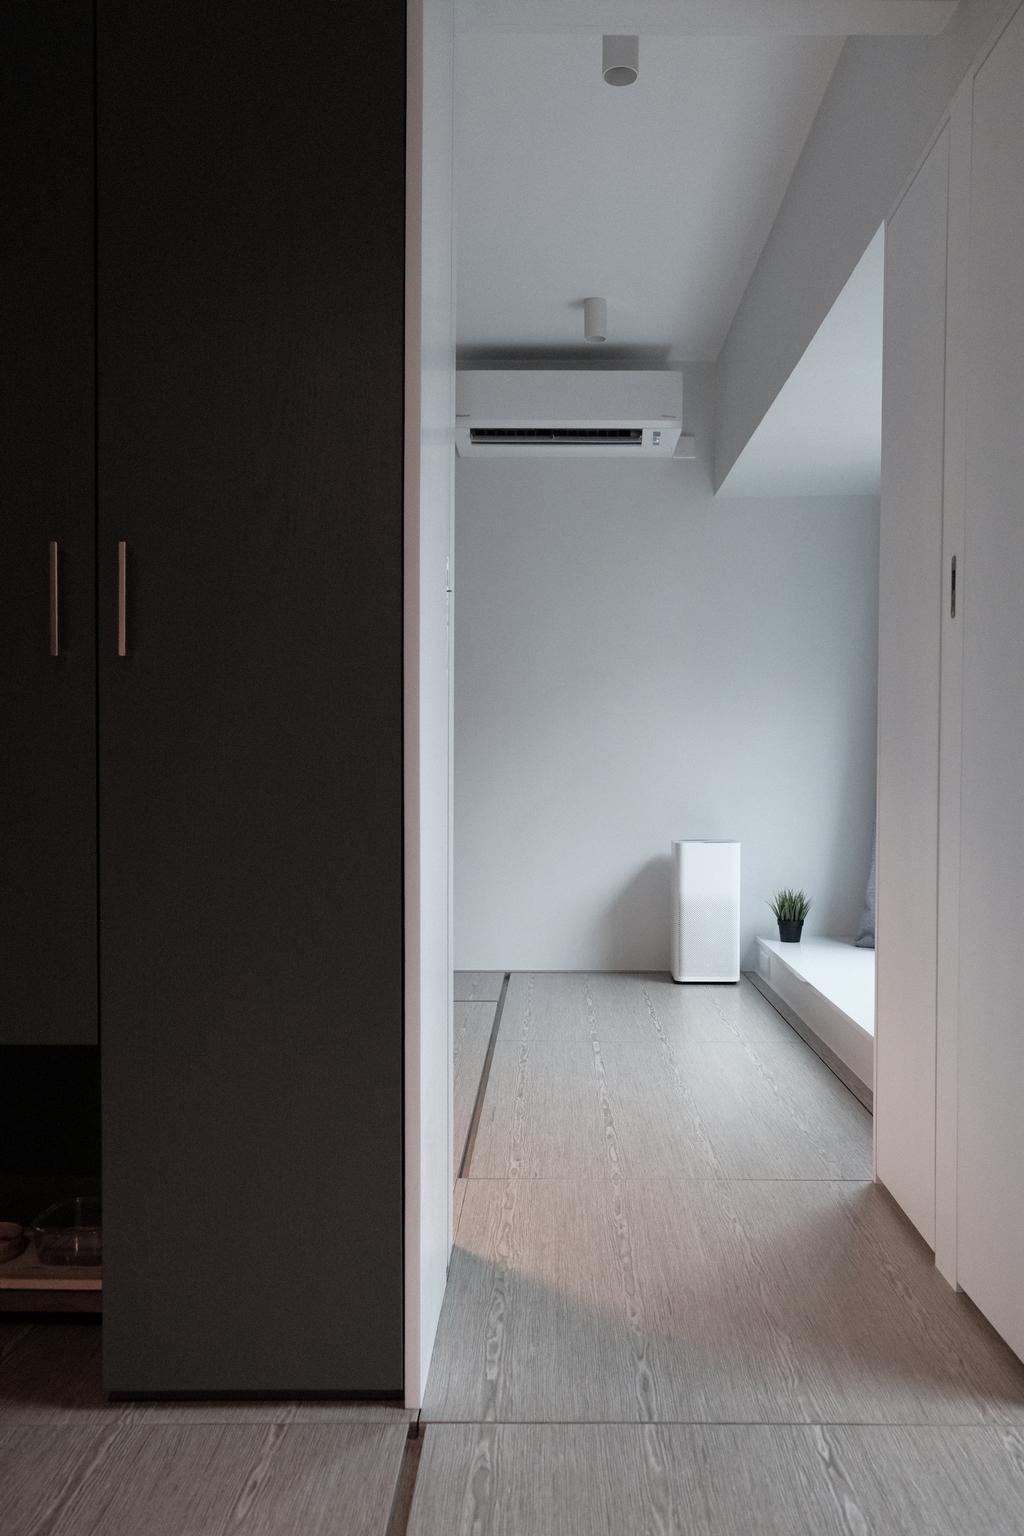 簡約, 私家樓, 朗晴居, 室內設計師, Studio Roof